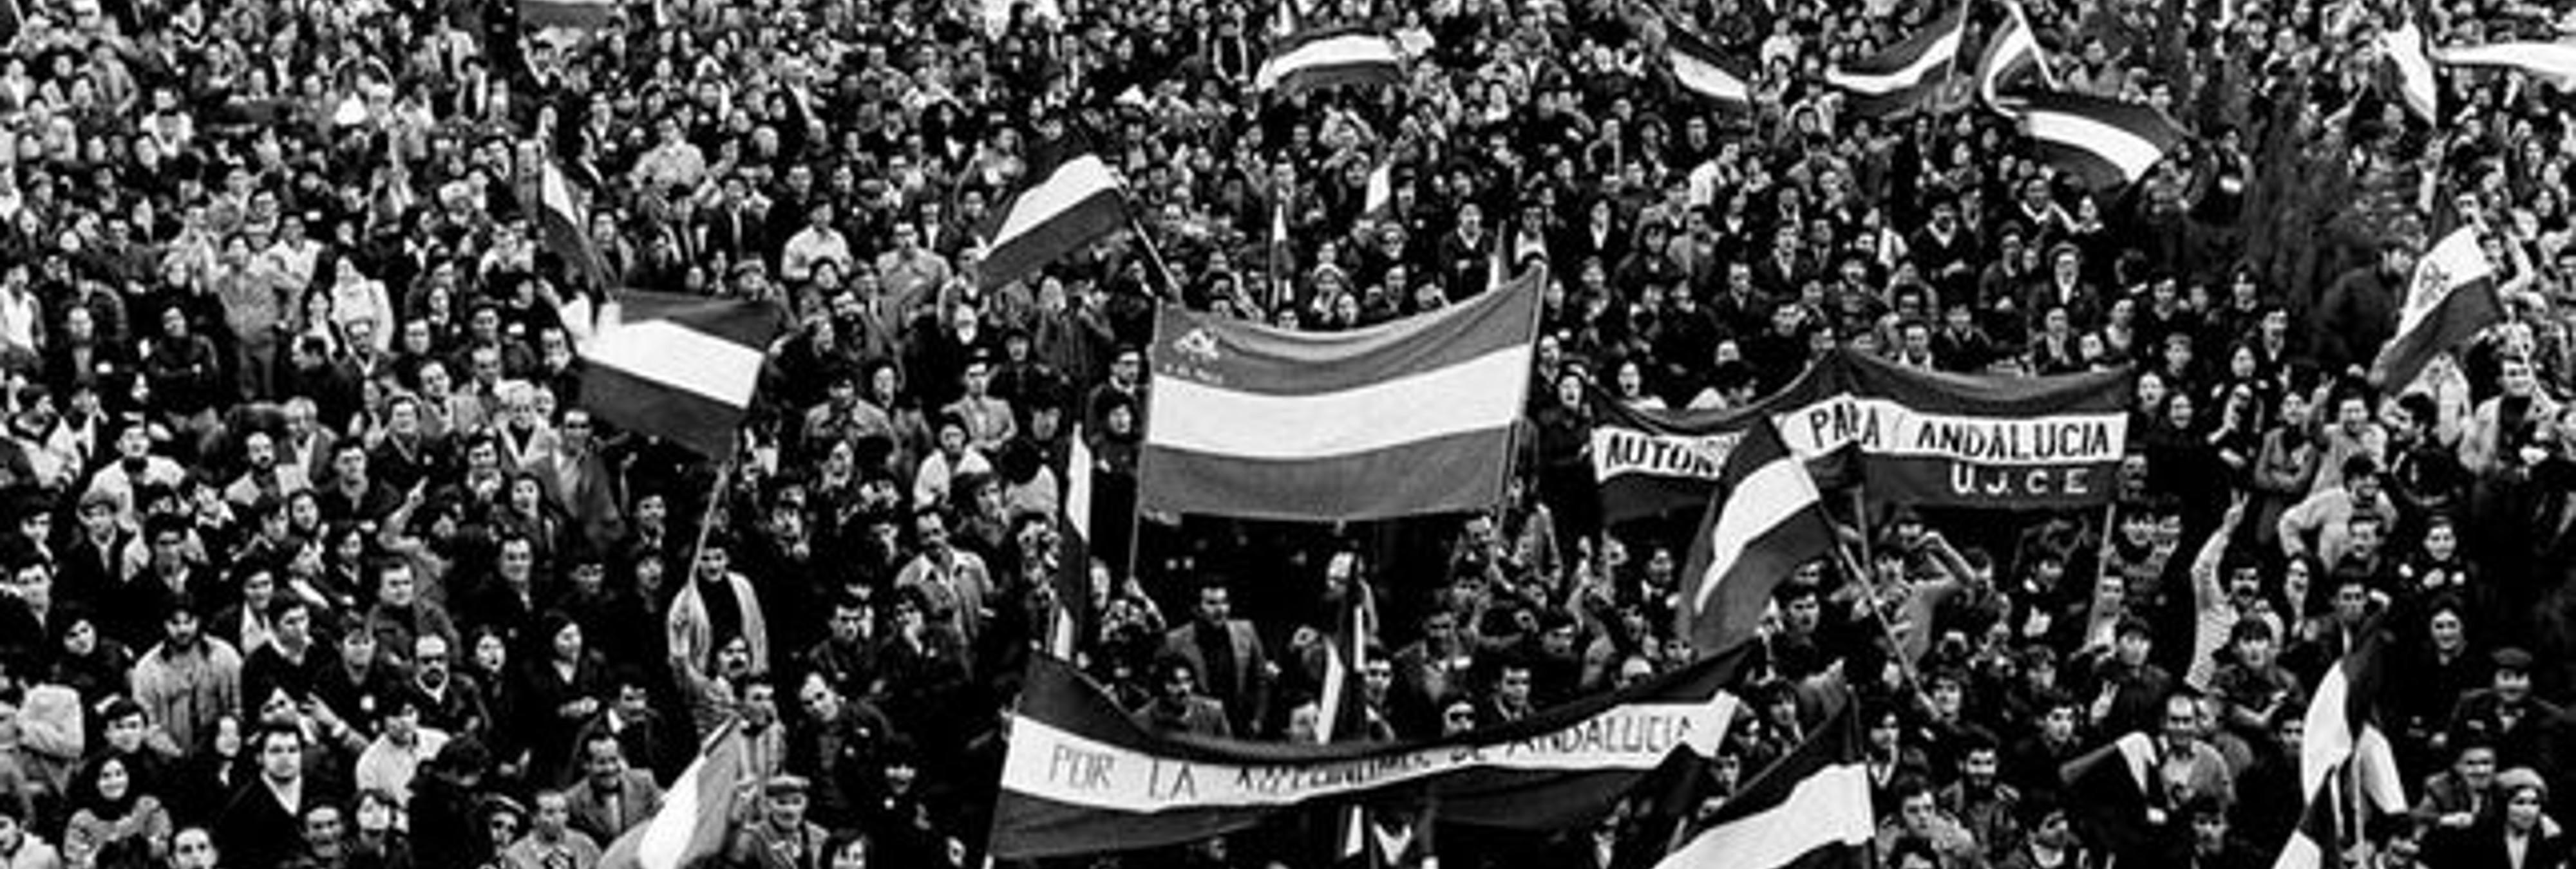 4 de diciembre: un día que fue decisivo para Andalucía